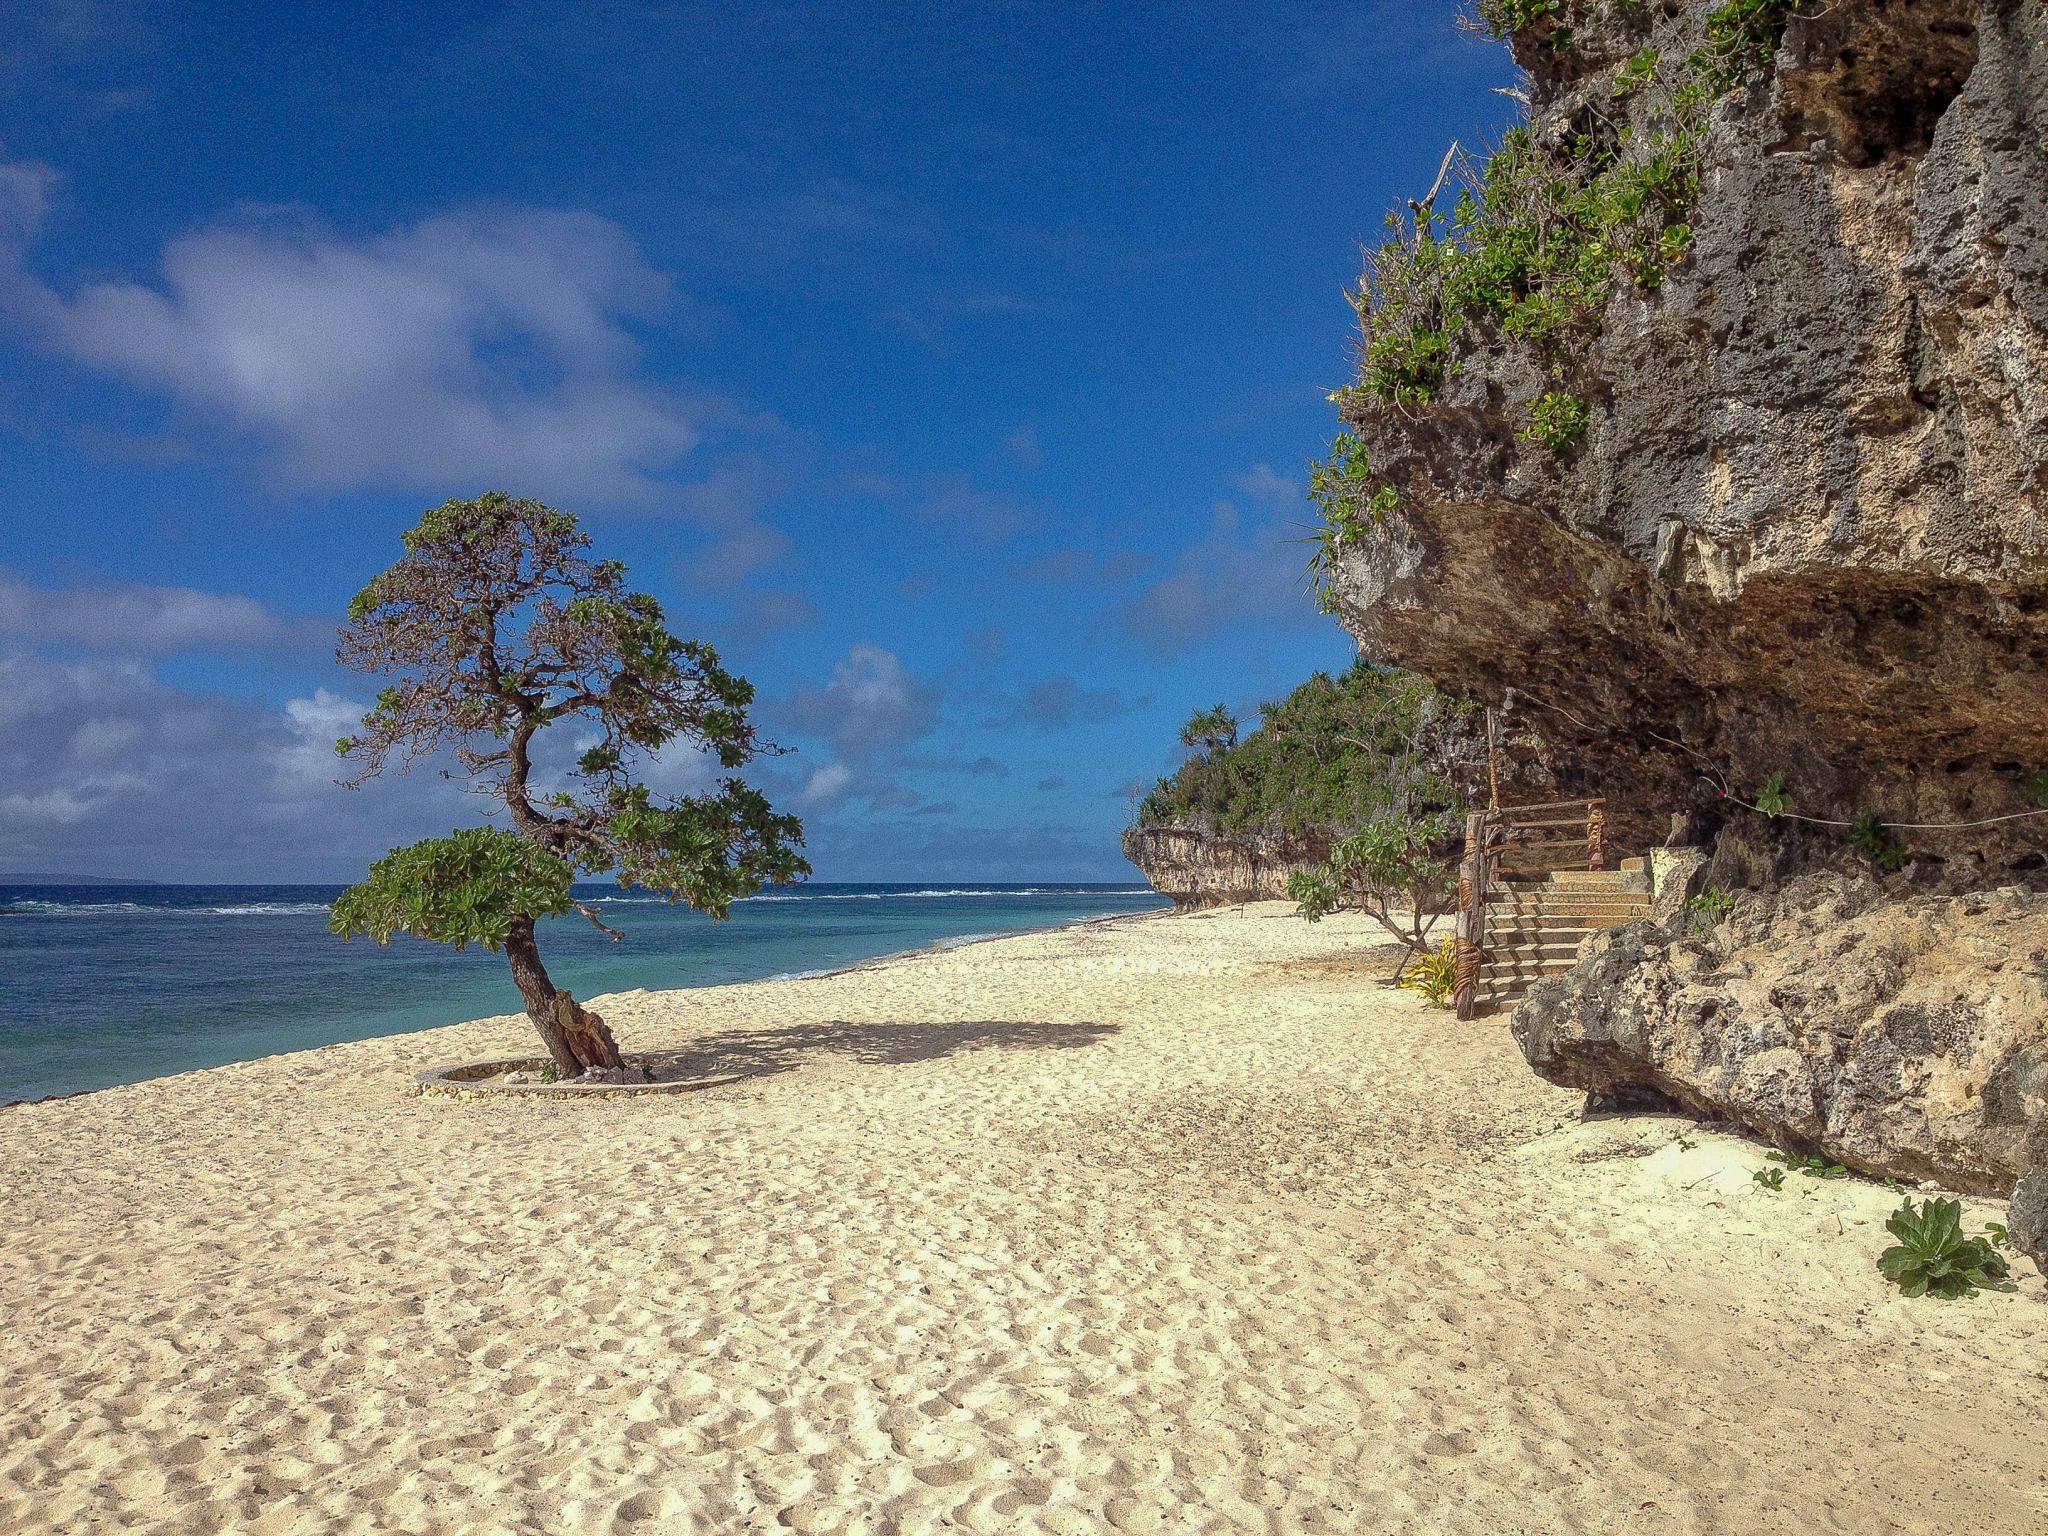 Oholei Beach, Tonga